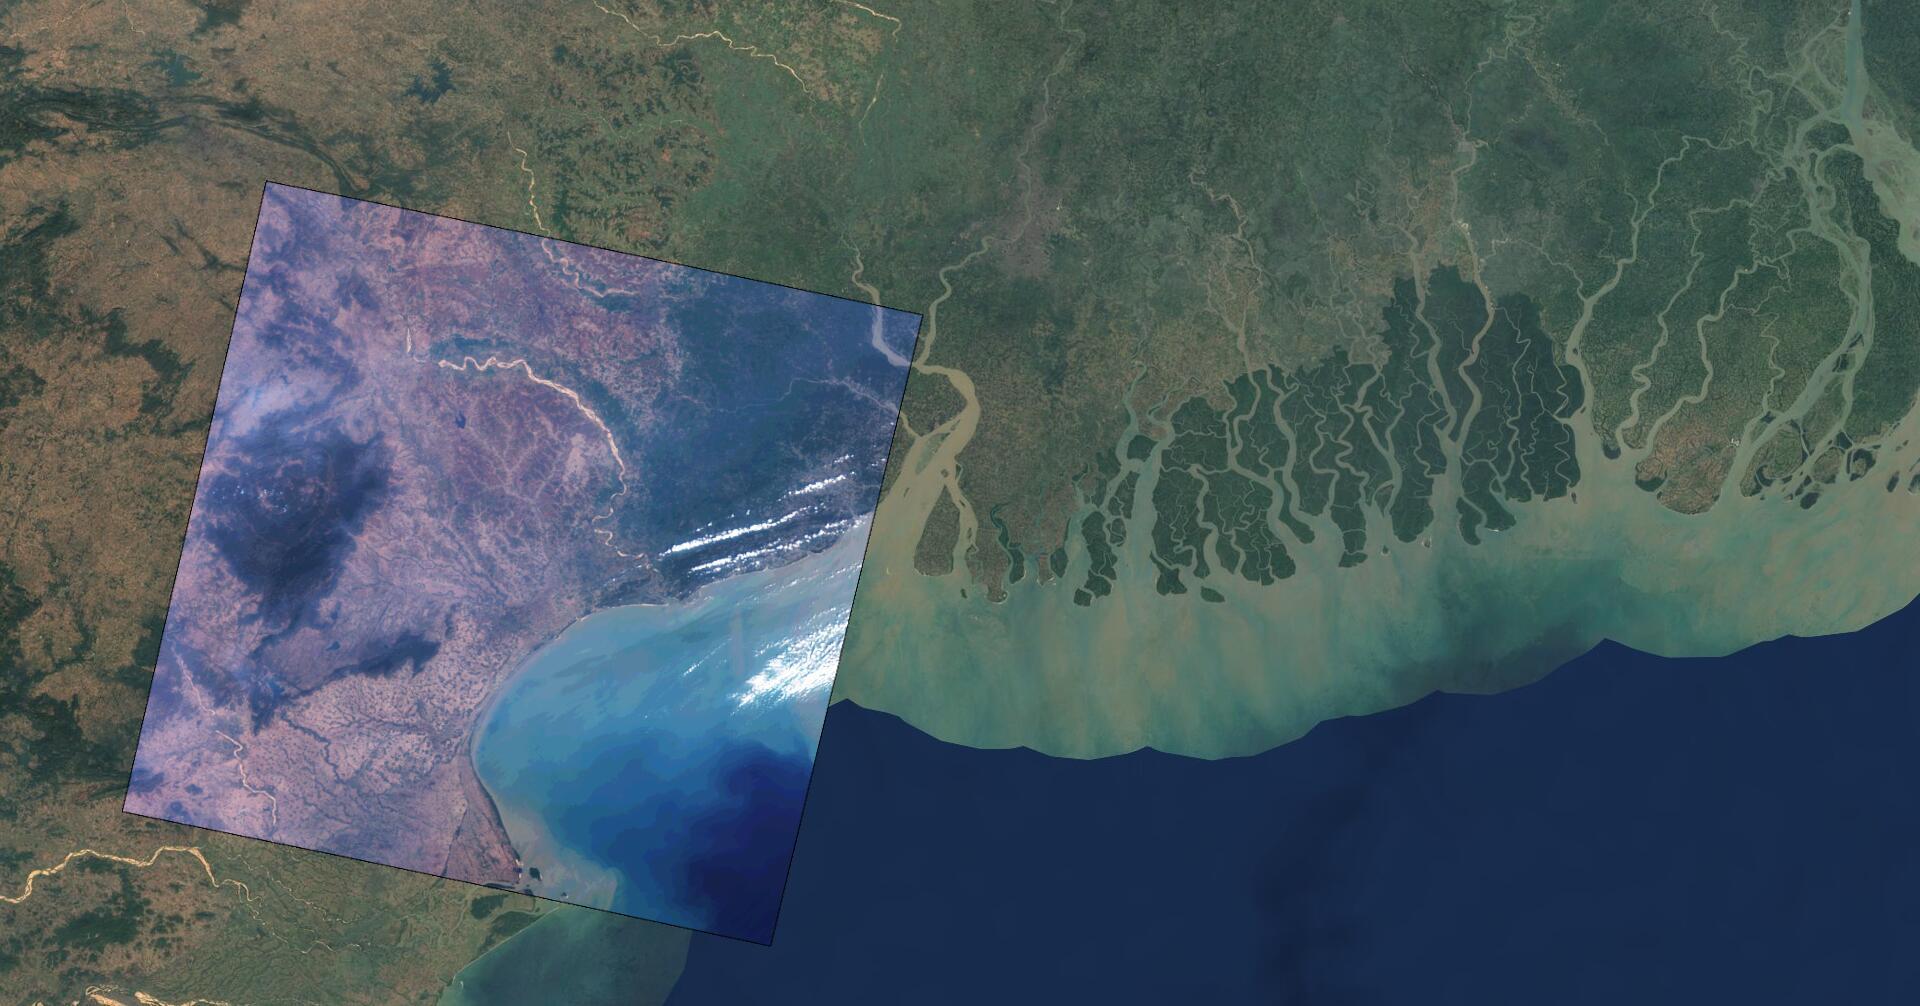 Blog post: Explore GeoTIFFs like Landsat 8 scenes with COG-Explorer in the browser